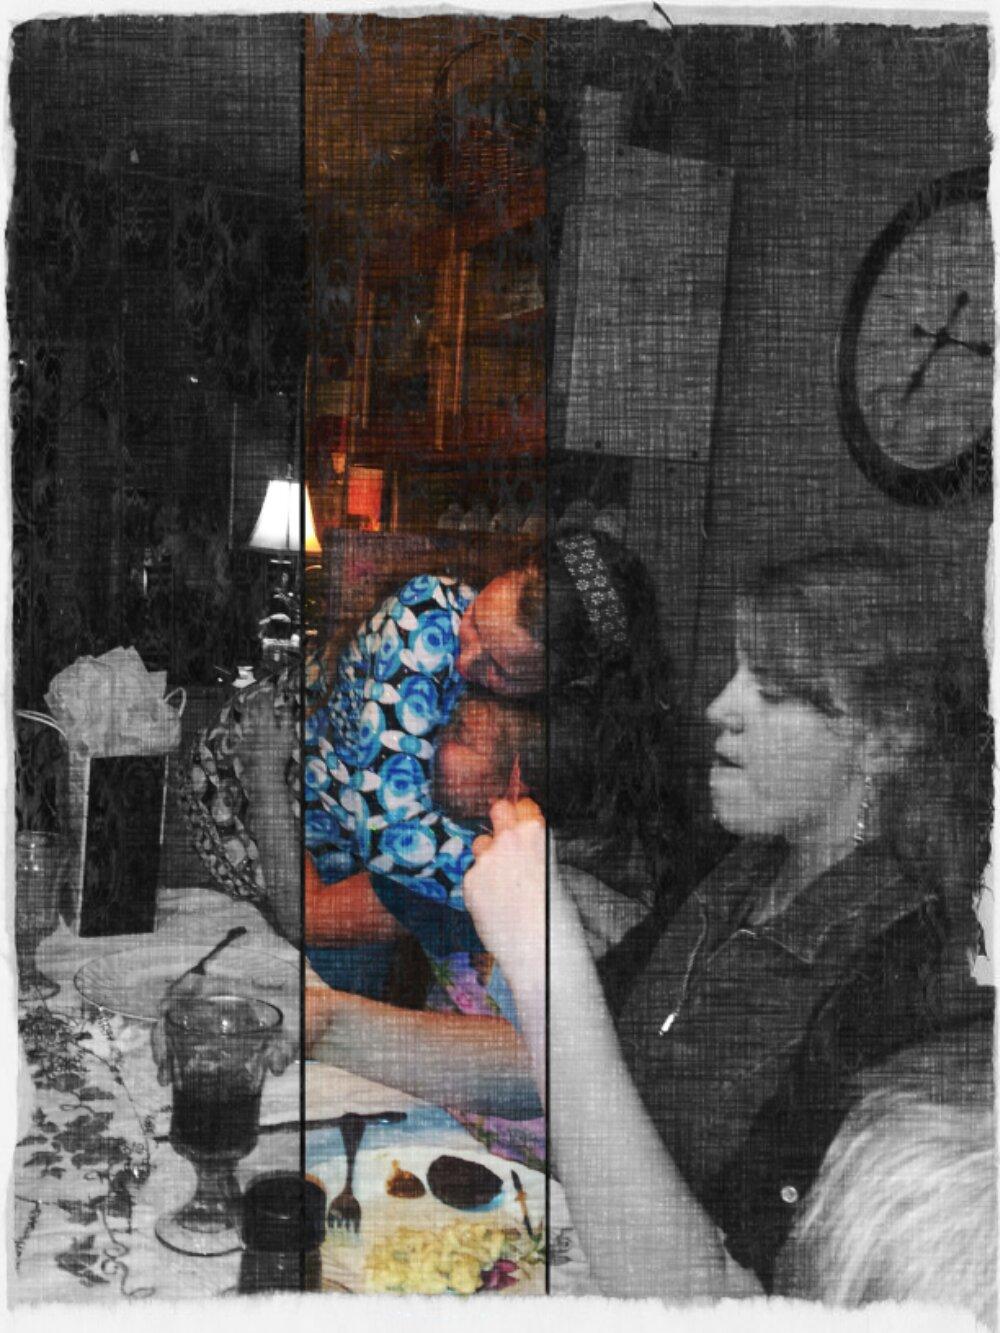 image of Mikaela, Heidi, and Daelynn